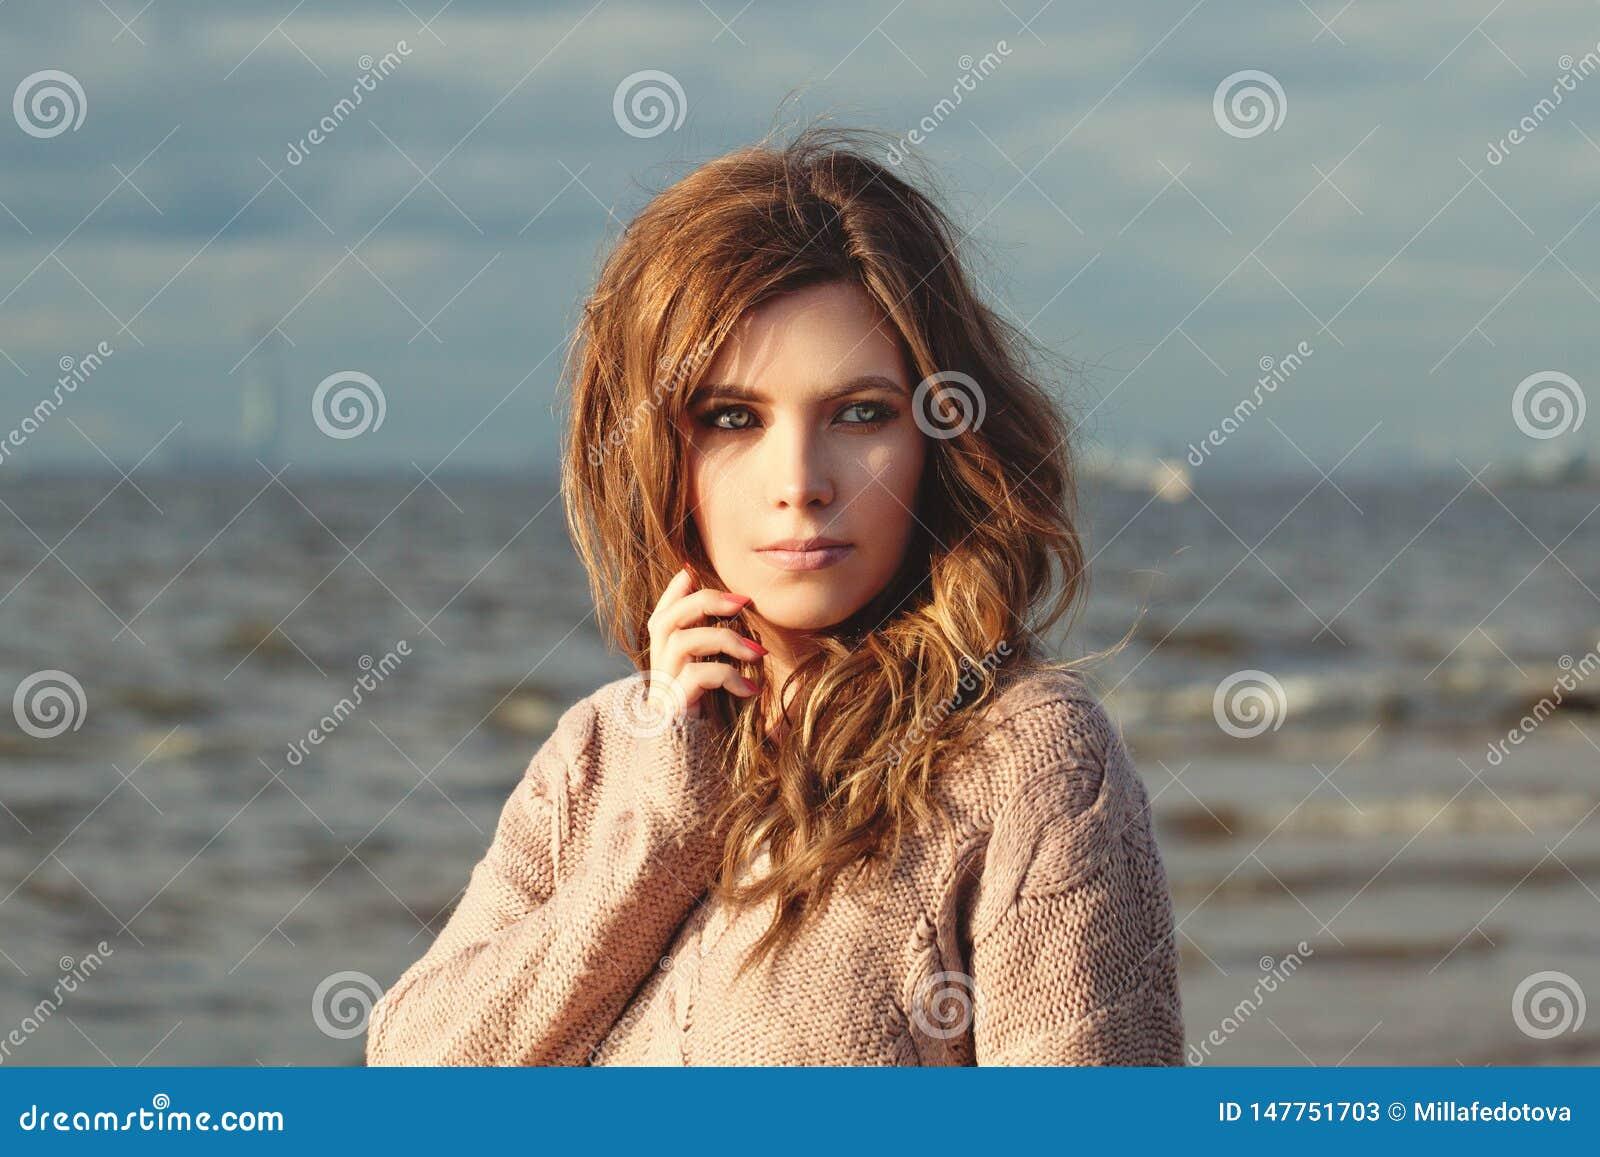 Εύθυμη γυναίκα στην ωκεάνια ακτή την ηλιόλουστη ημέρα